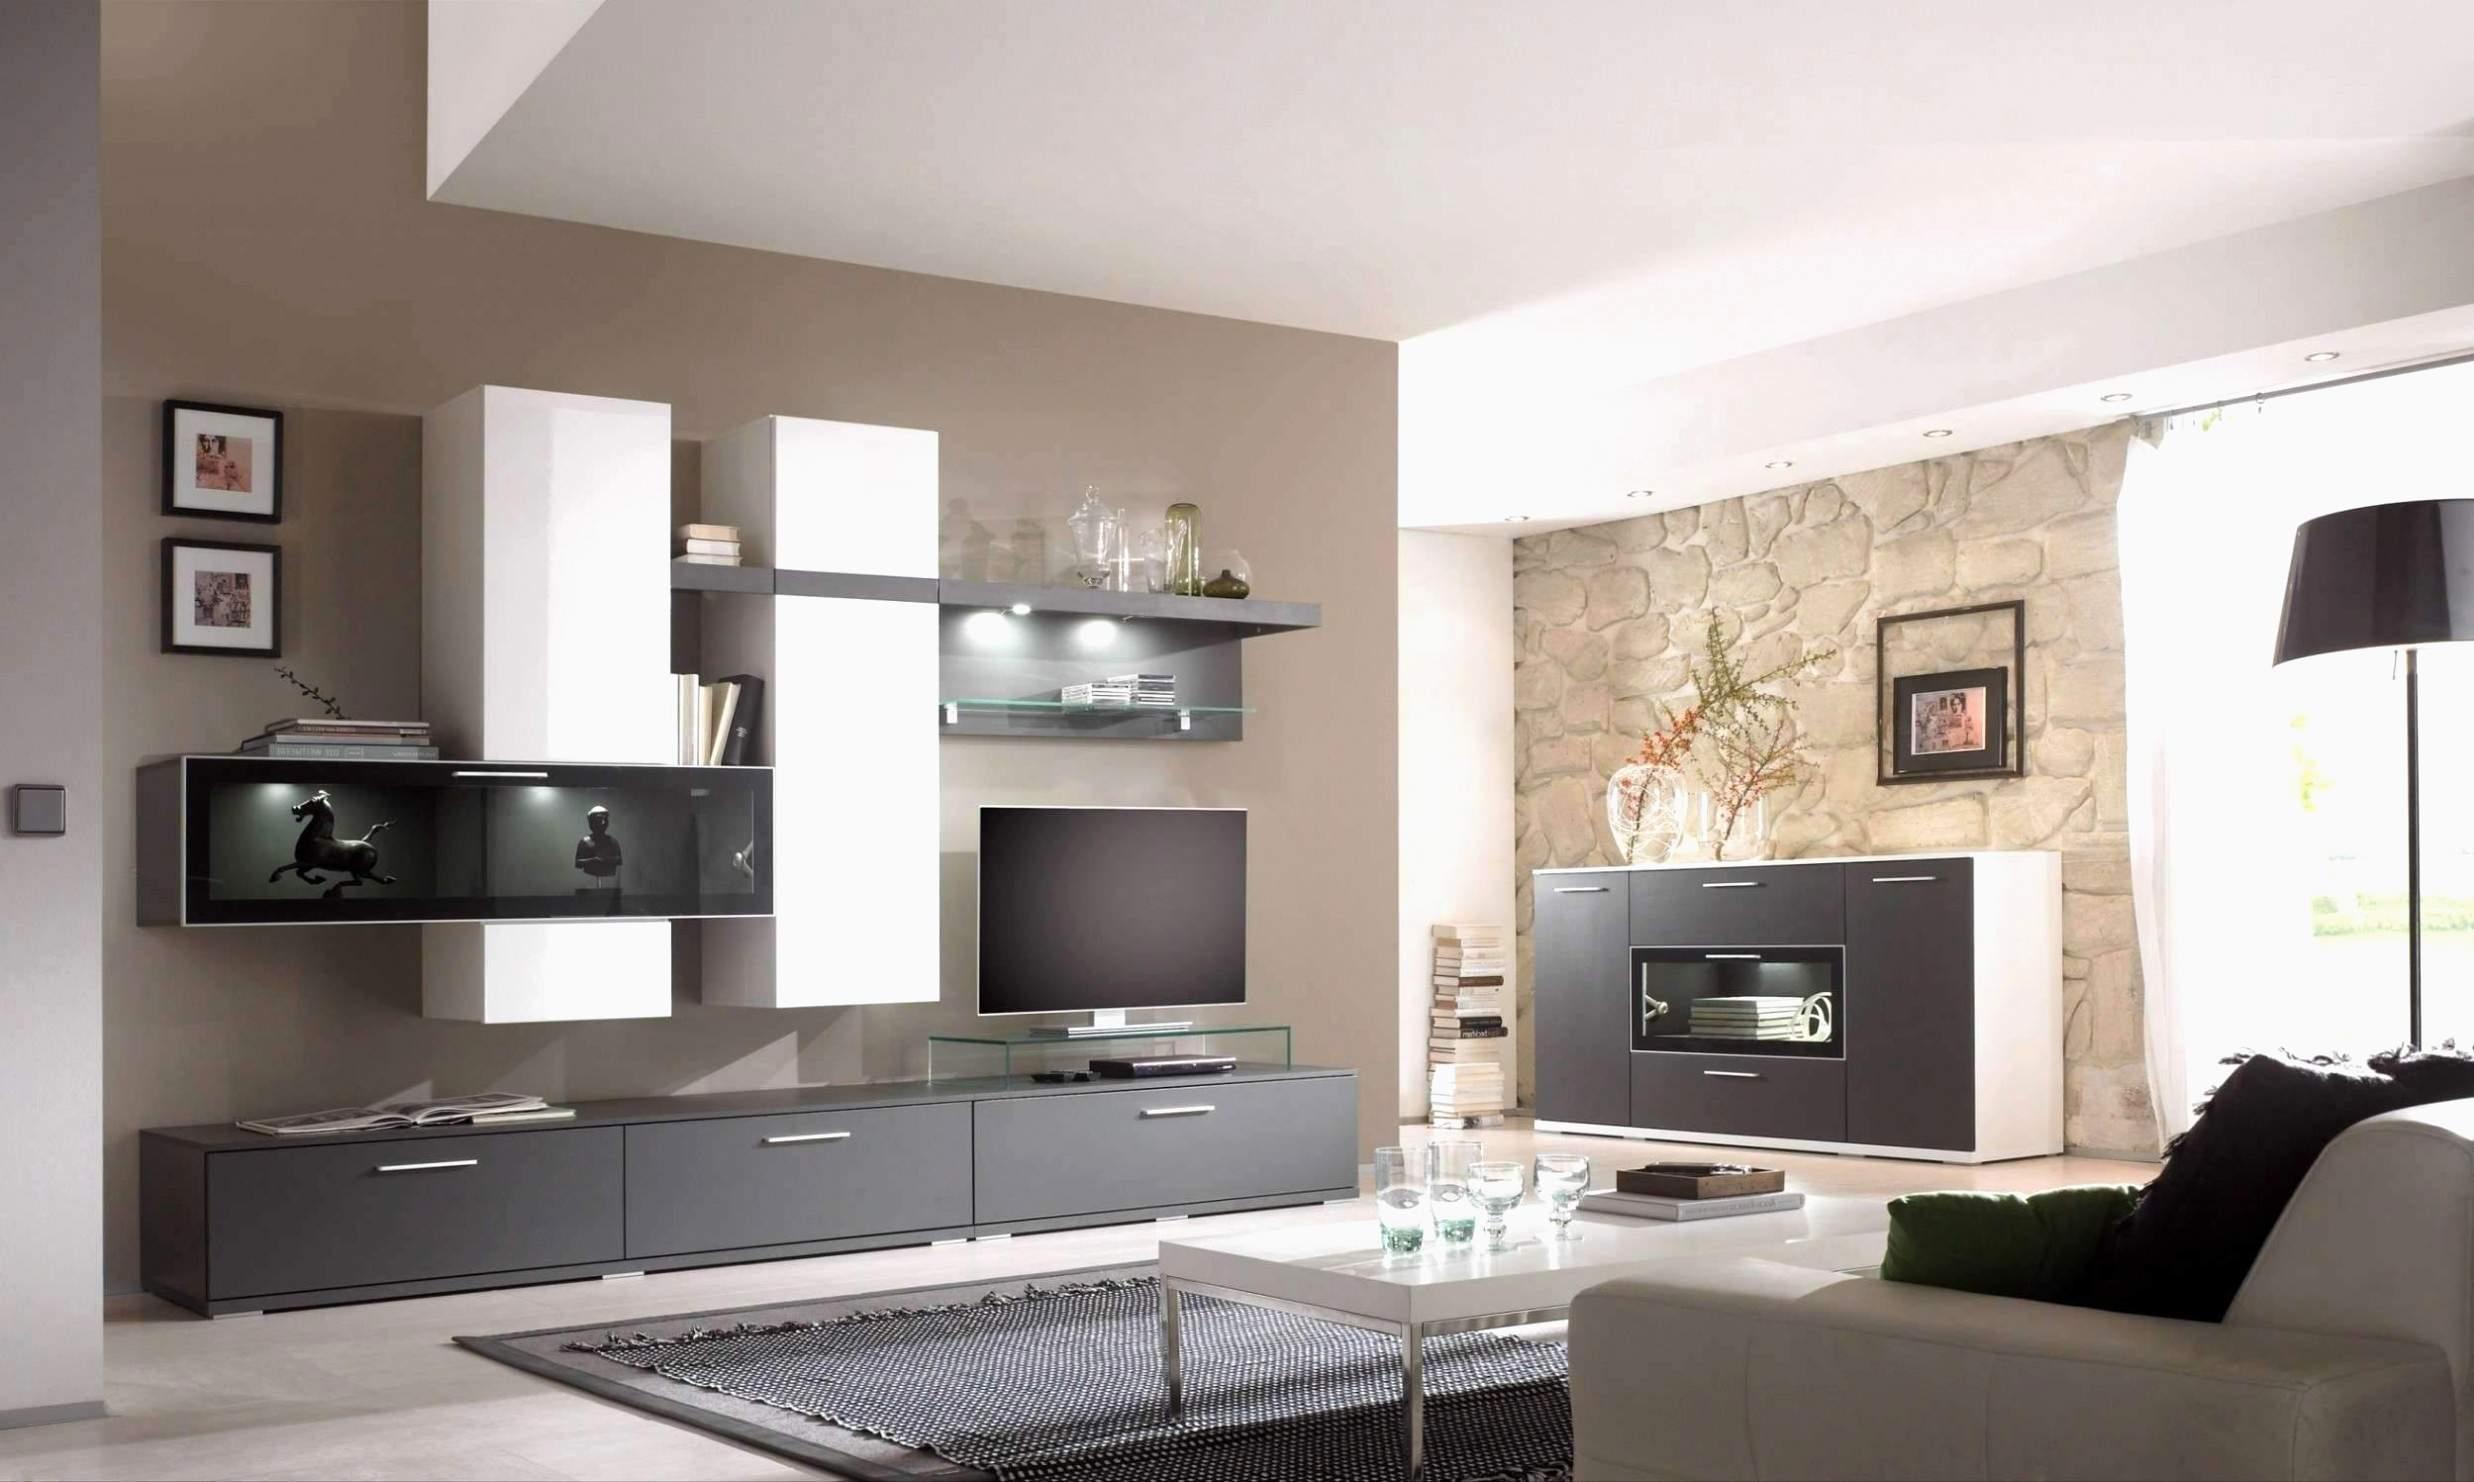 wohnzimmer streichen ideen streifen luxus steinwand wohnzimmer kosten neu wohnideen wohnzimmer bilder of wohnzimmer streichen ideen streifen